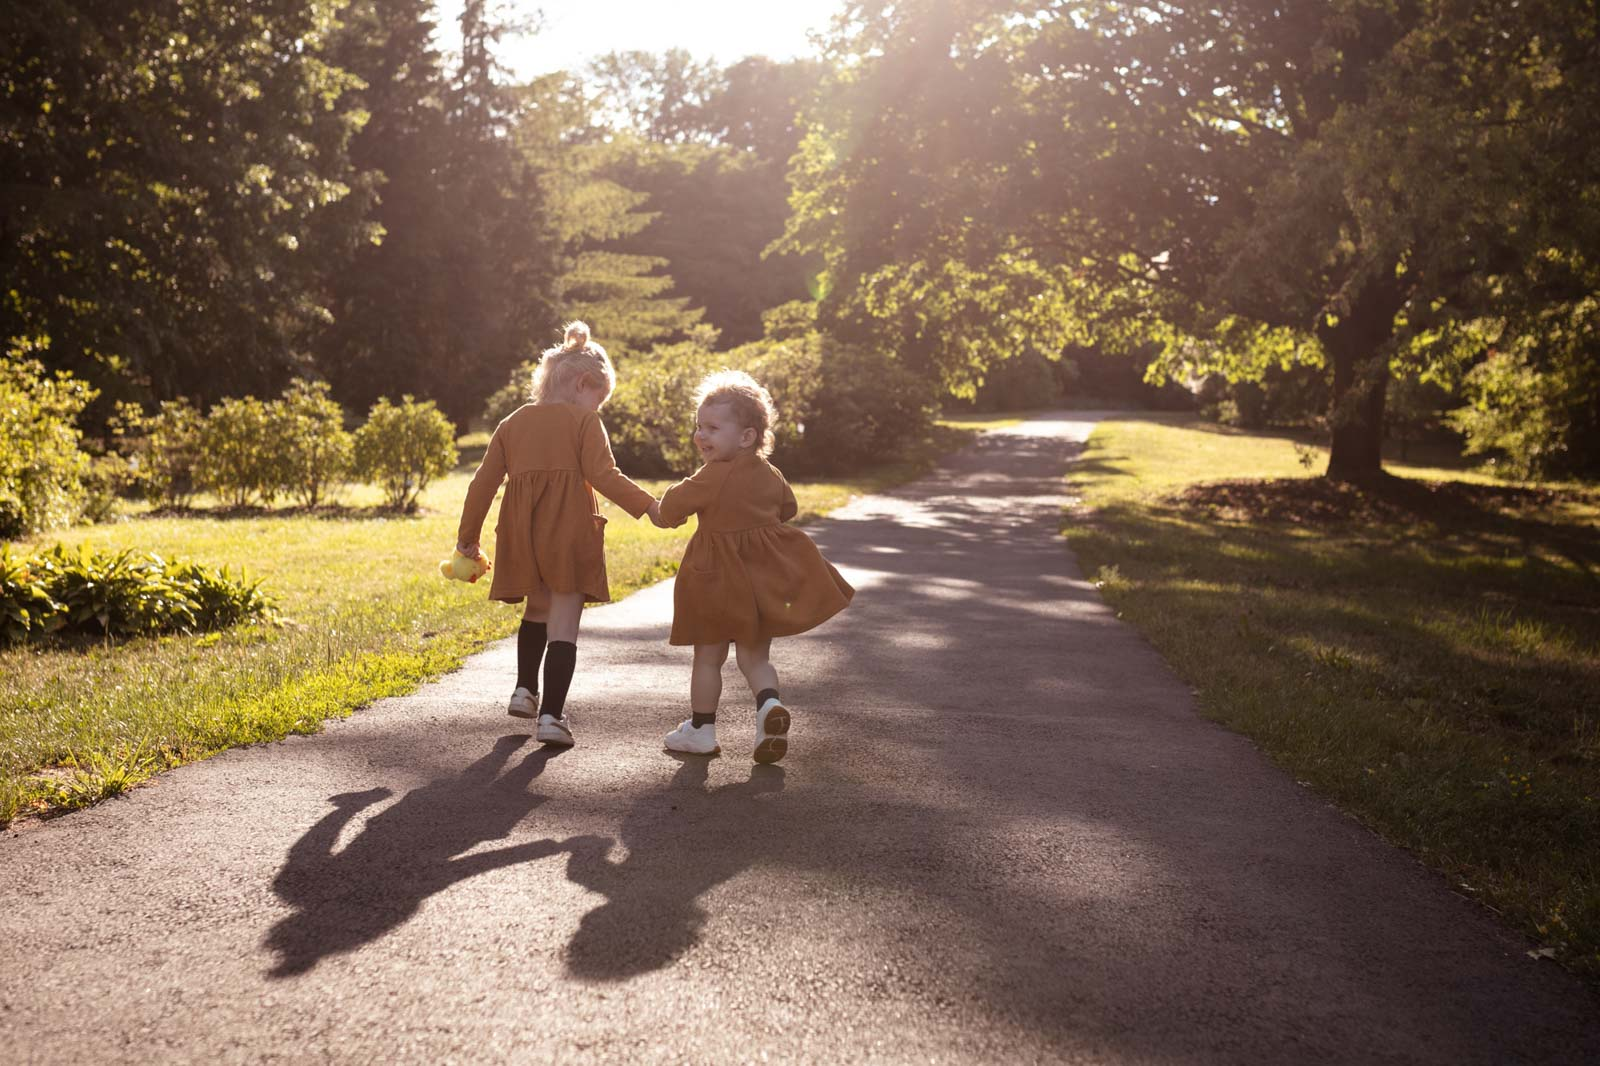 Šeimos fotosesija, šeima, fotosesija gamtoje